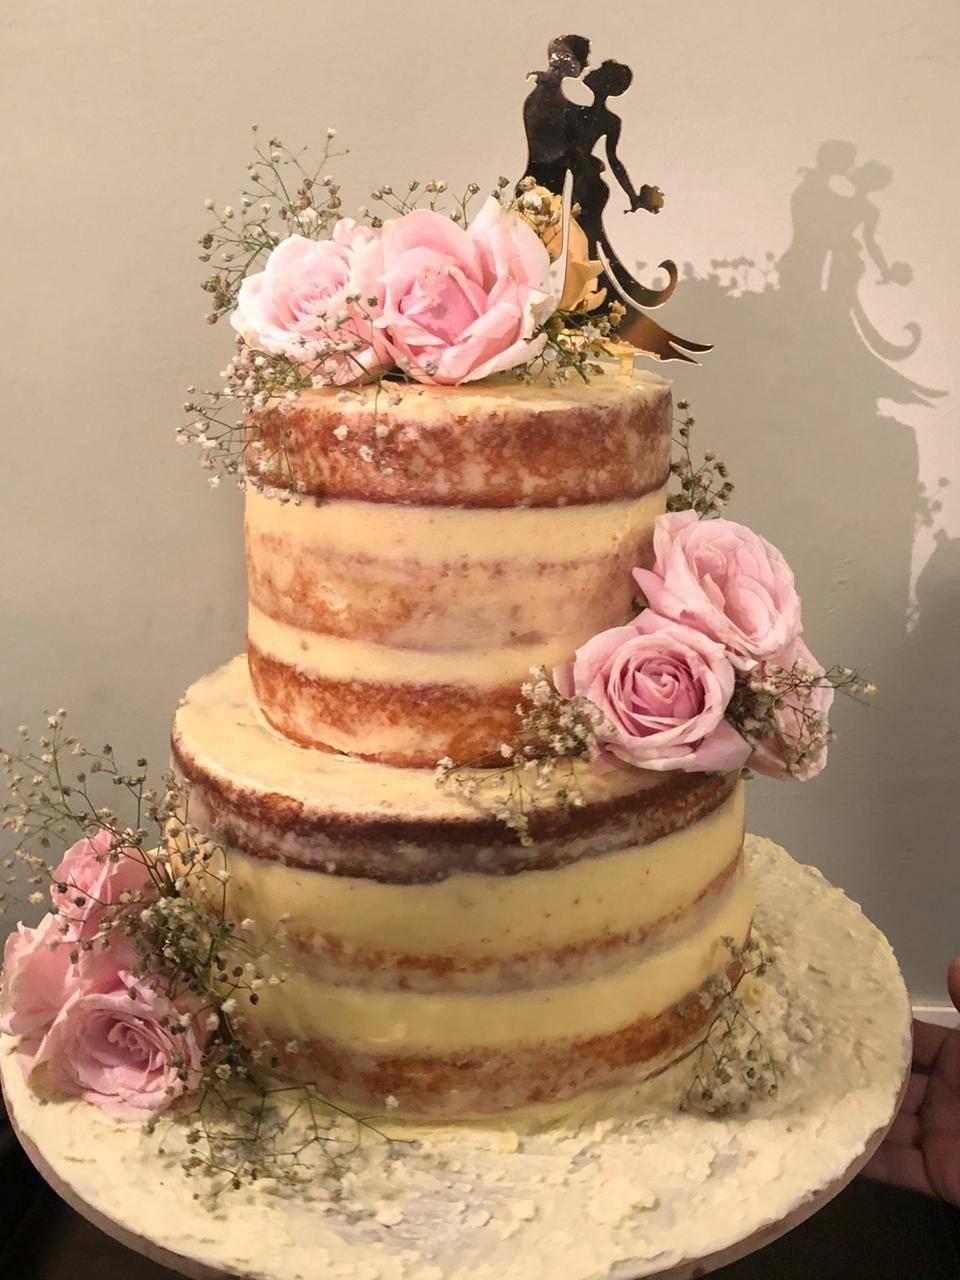 Latest Wedding Cake Images In 2020 Wedding Cake Images Cake Wedding Cake Designs